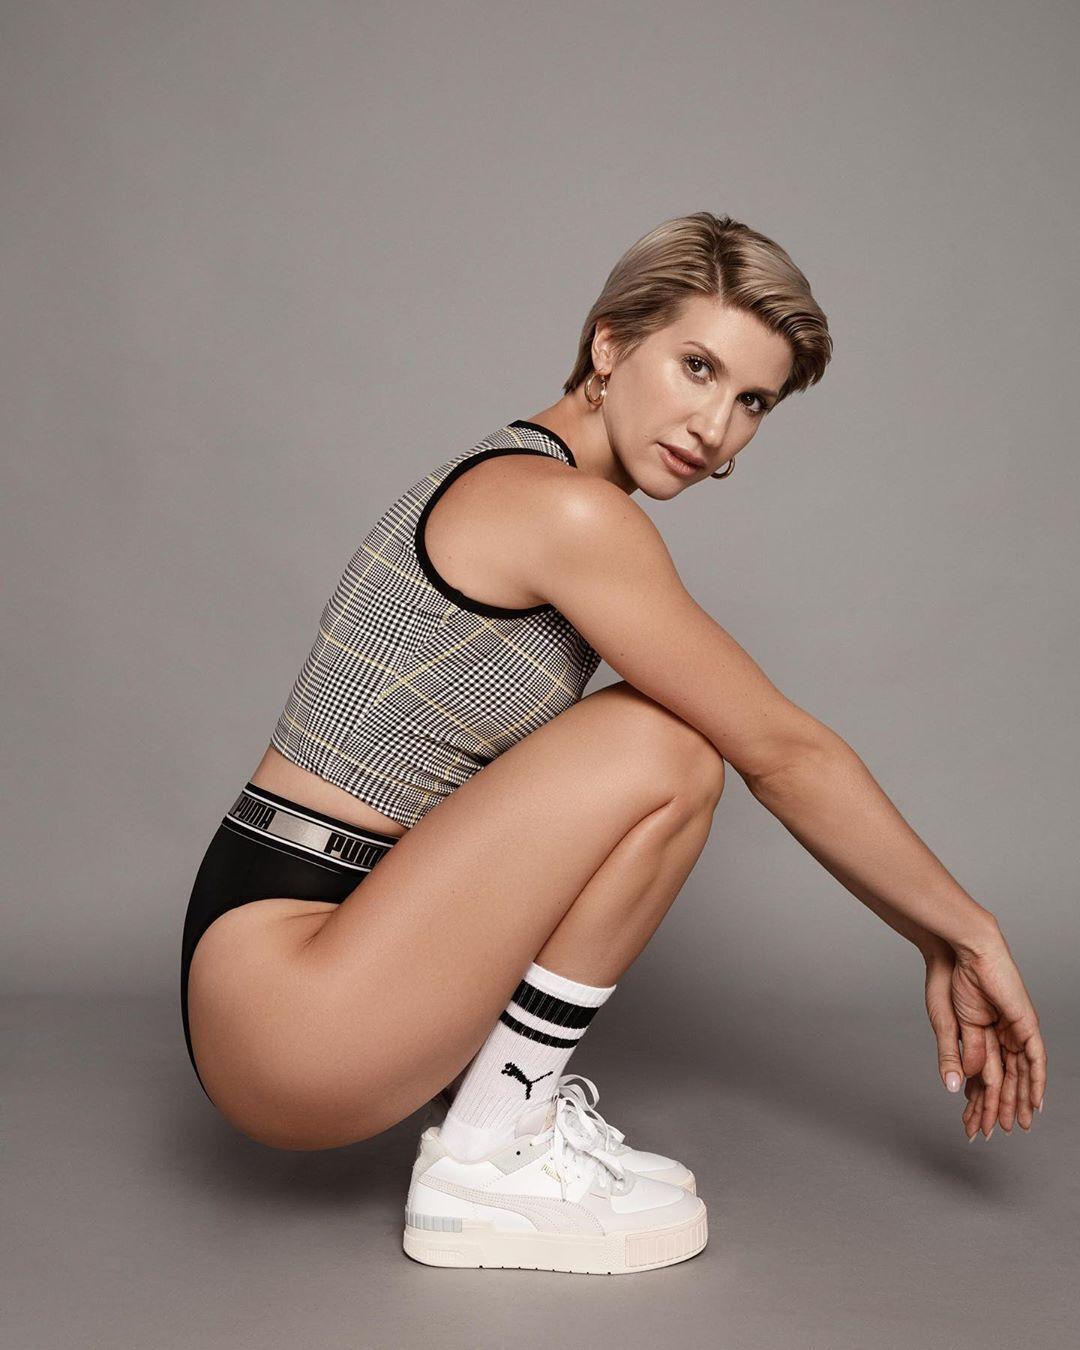 Тренер Анита Луценко рассказала, как правильно худеть.